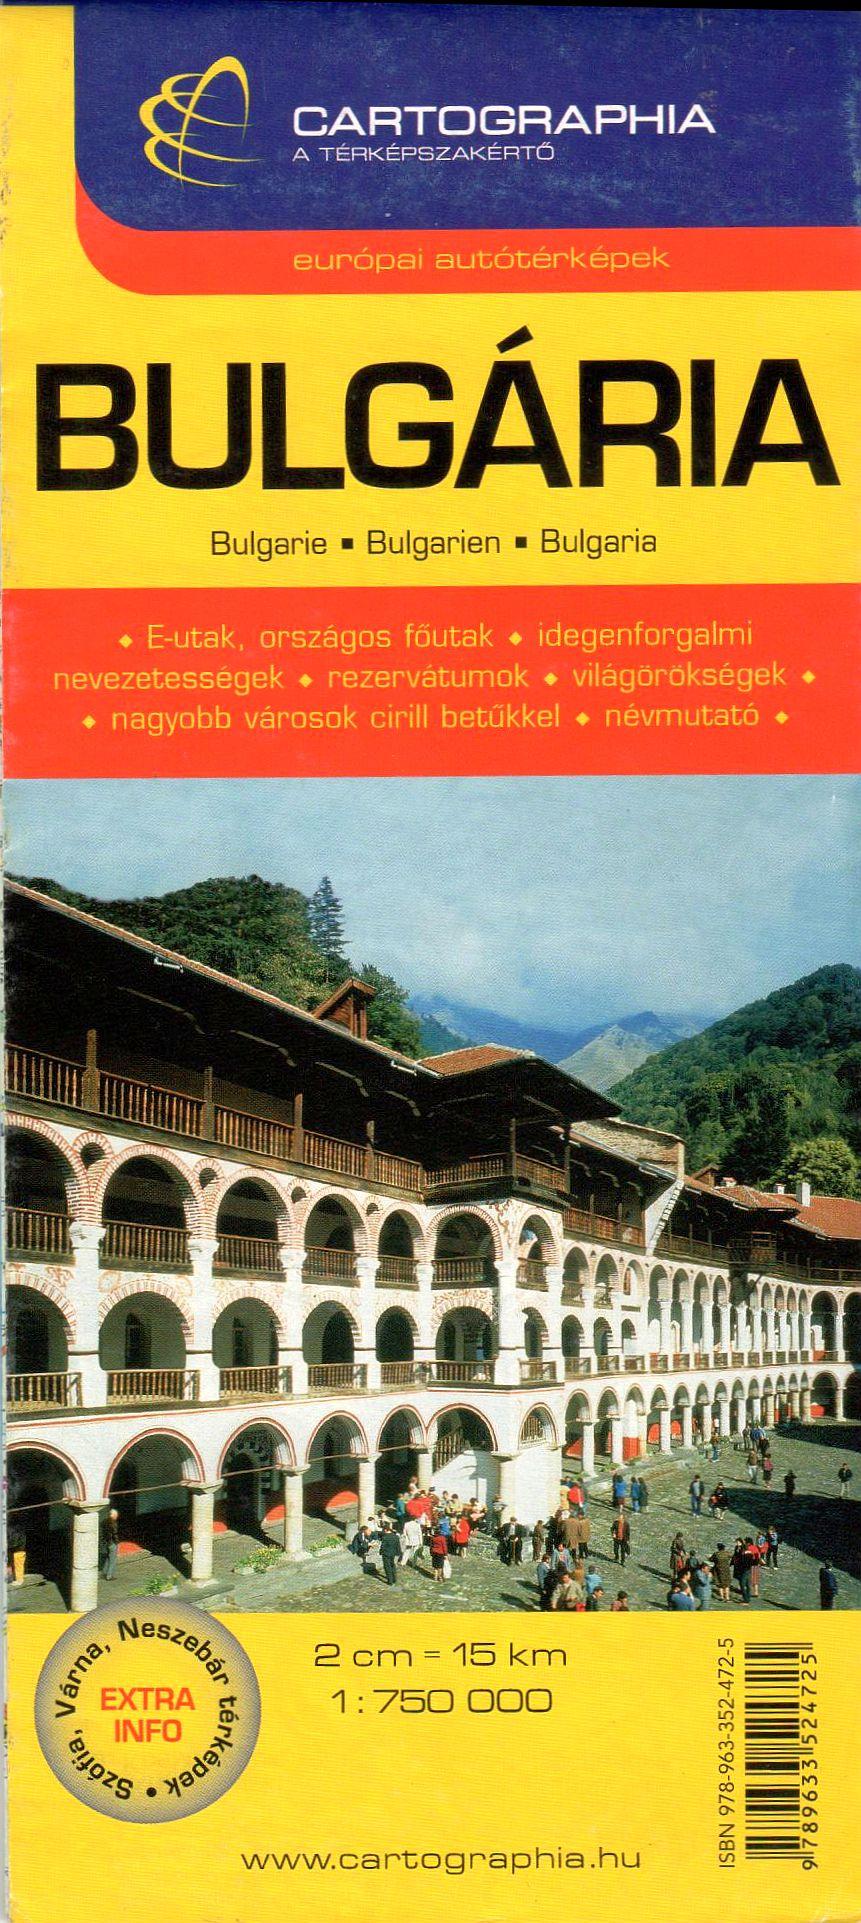 Bulgária részletes autótérképe turista információkkal, latin betűs névrajzzal, névmutatóval, Szófia, Várna, Neszebár melléktérképpe